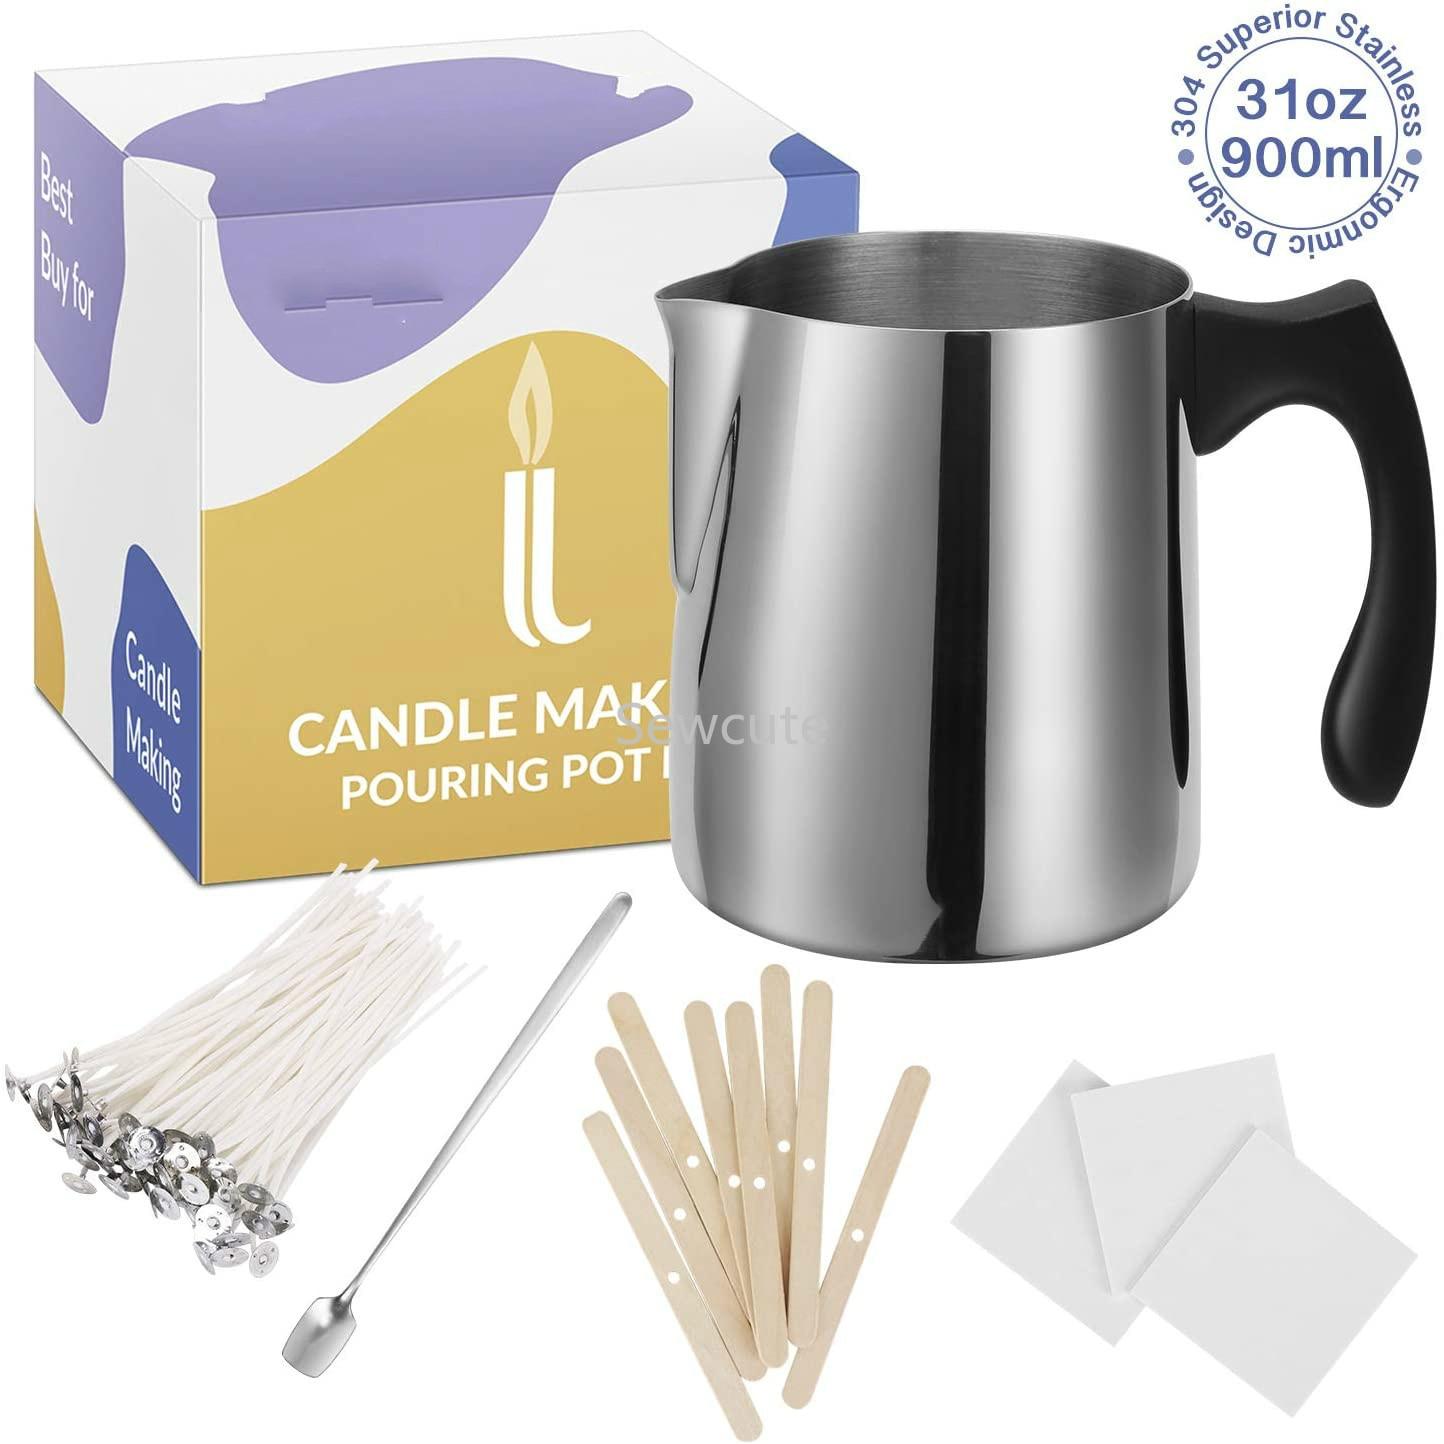 Набор для изготовления свечей, горшок для розлива из нержавеющей стали, без горения, товары для искусства и рукоделия для взрослых, большая ...